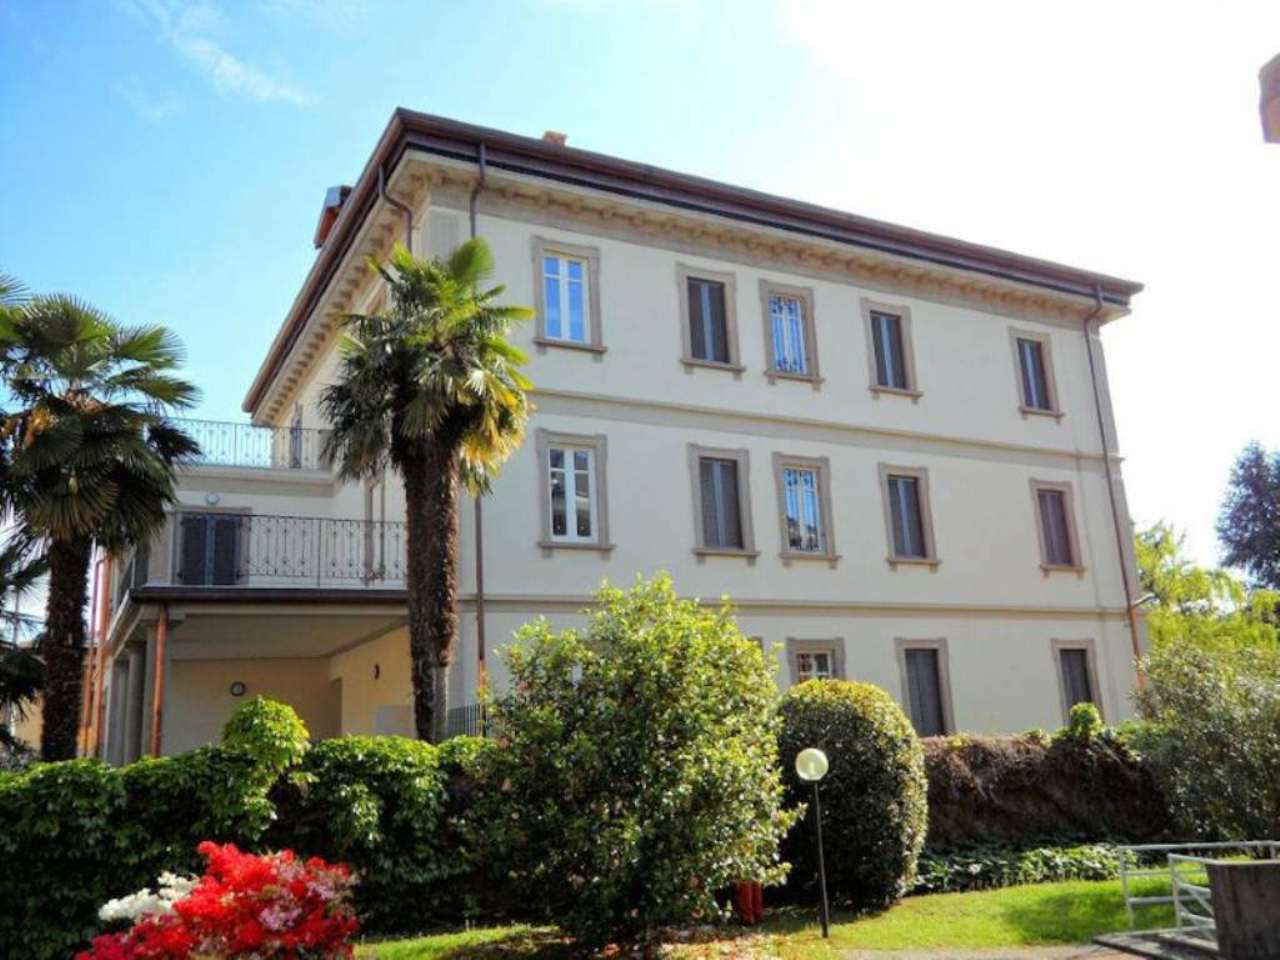 Bilocale Arona Via Cavour 2